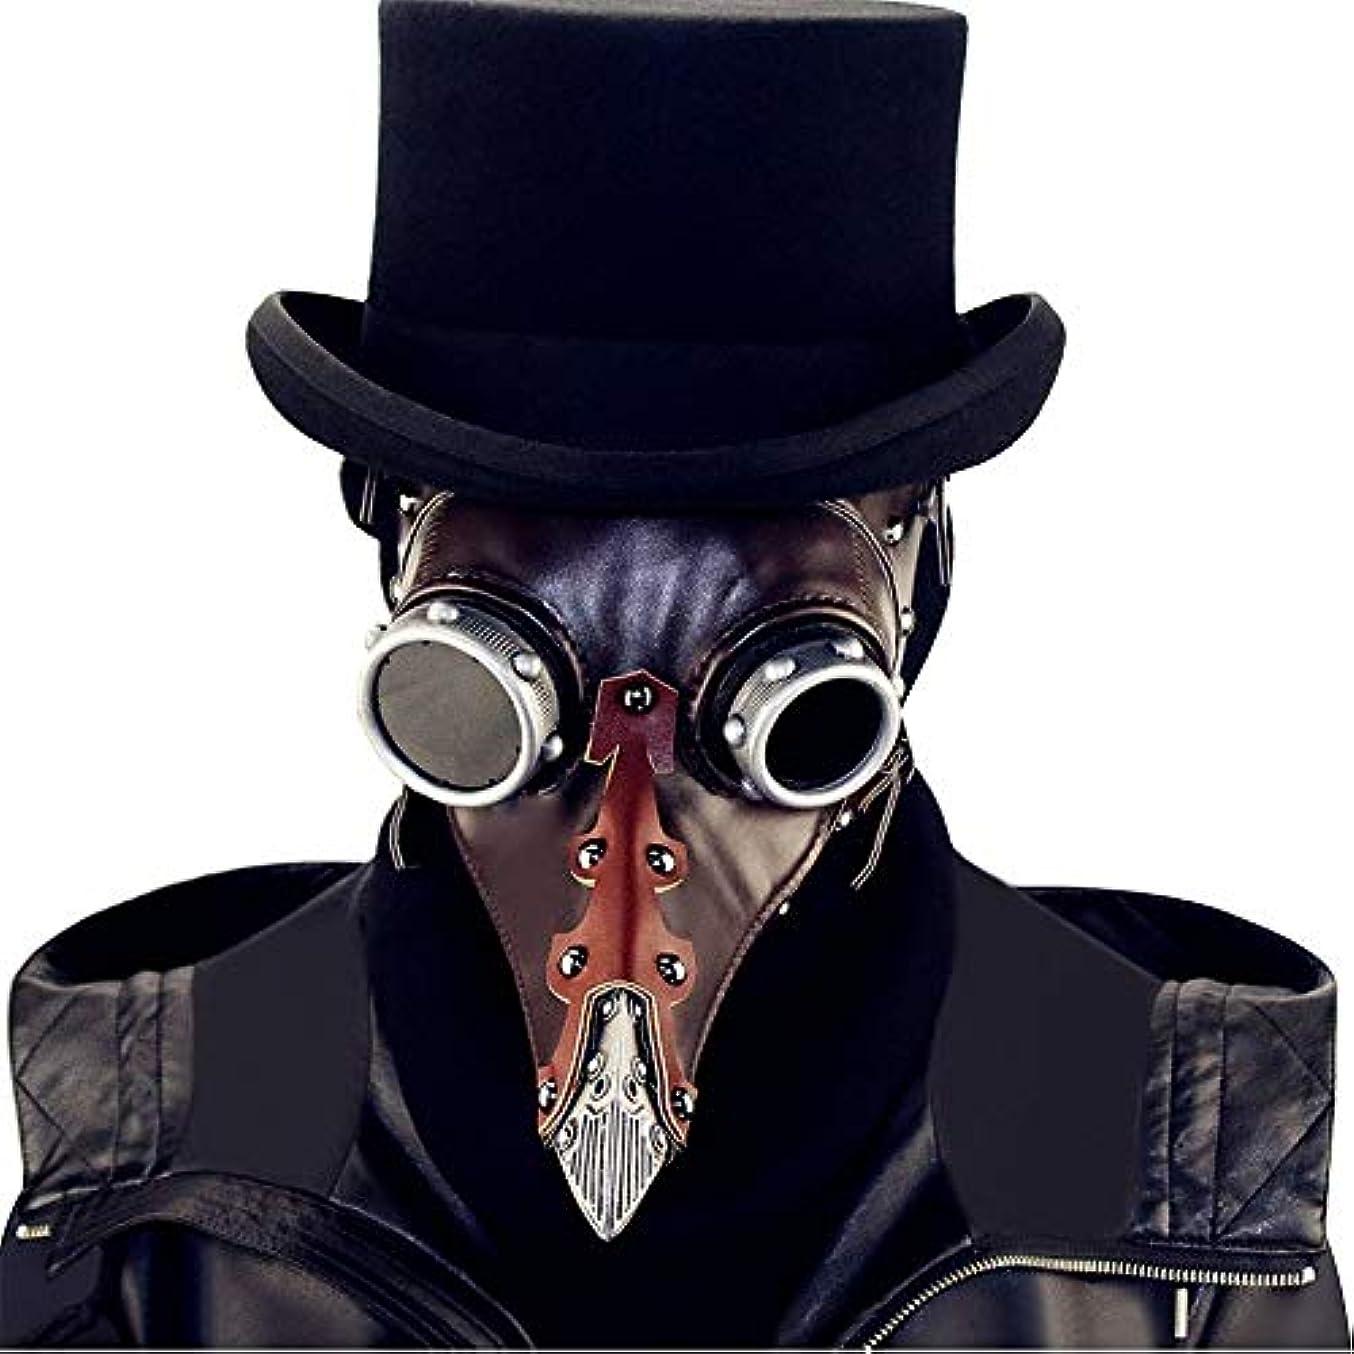 誰も高架枕スチームパンクなハロウィーンペストビークドクターマスク